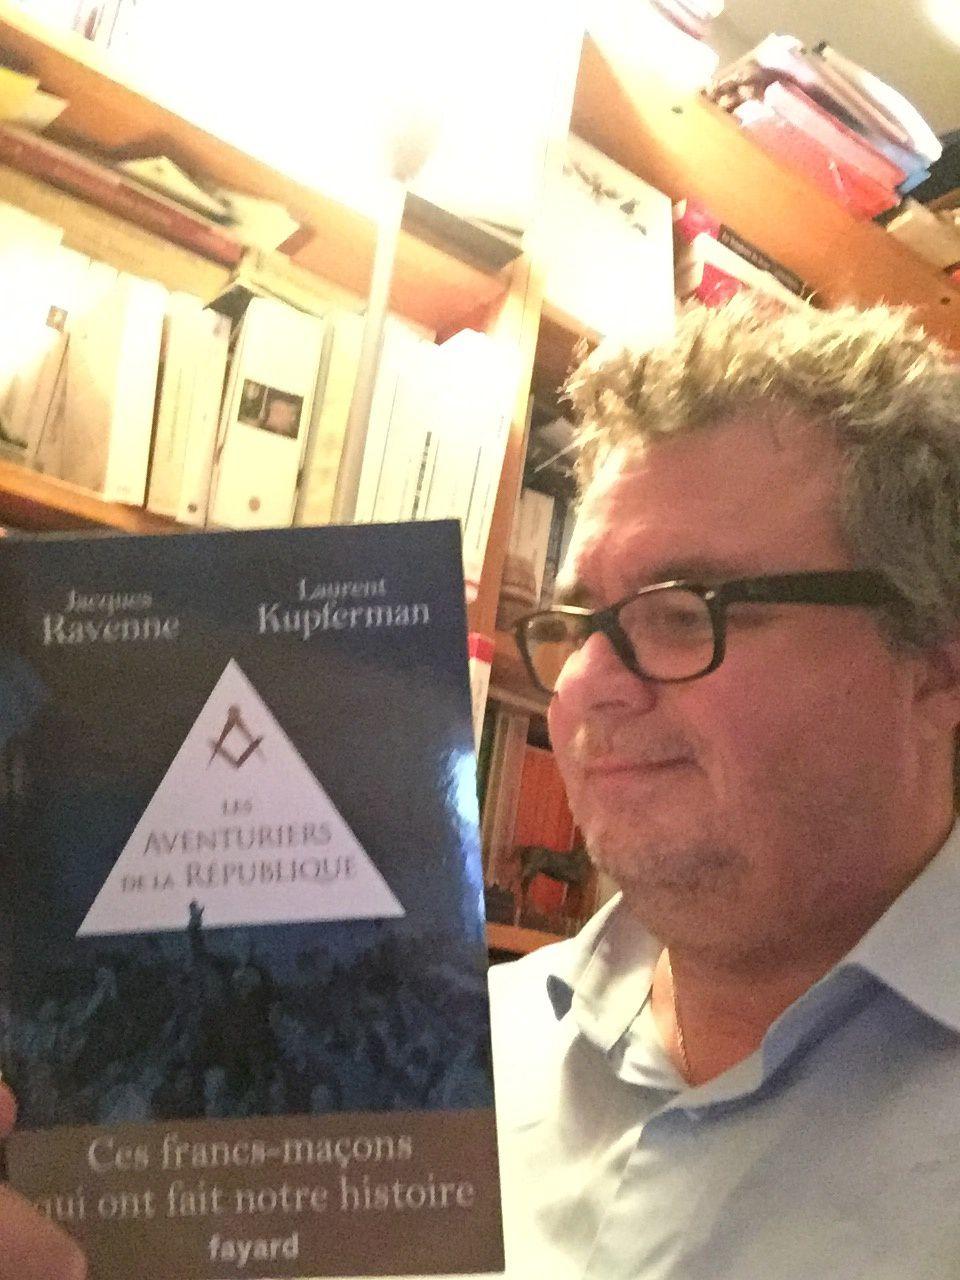 Les aventuriers de la République, de Jacques Ravenne et Laurent Kupferman